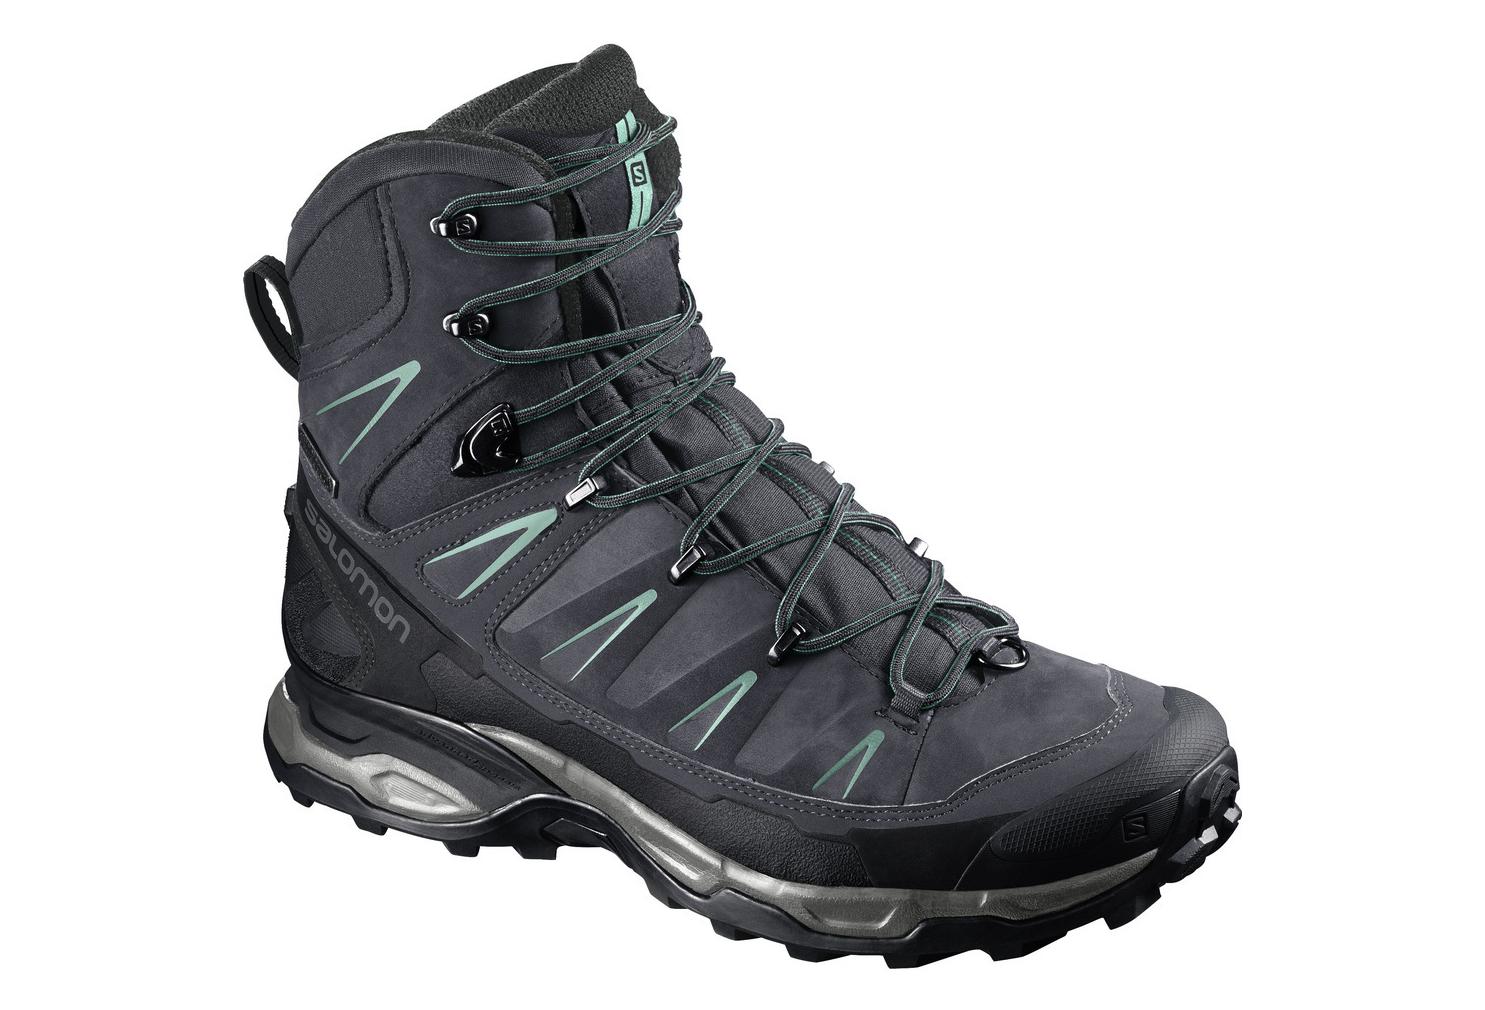 X Ultra Femme Salomon Gtx Chaussures Trek WeEI9YDH2